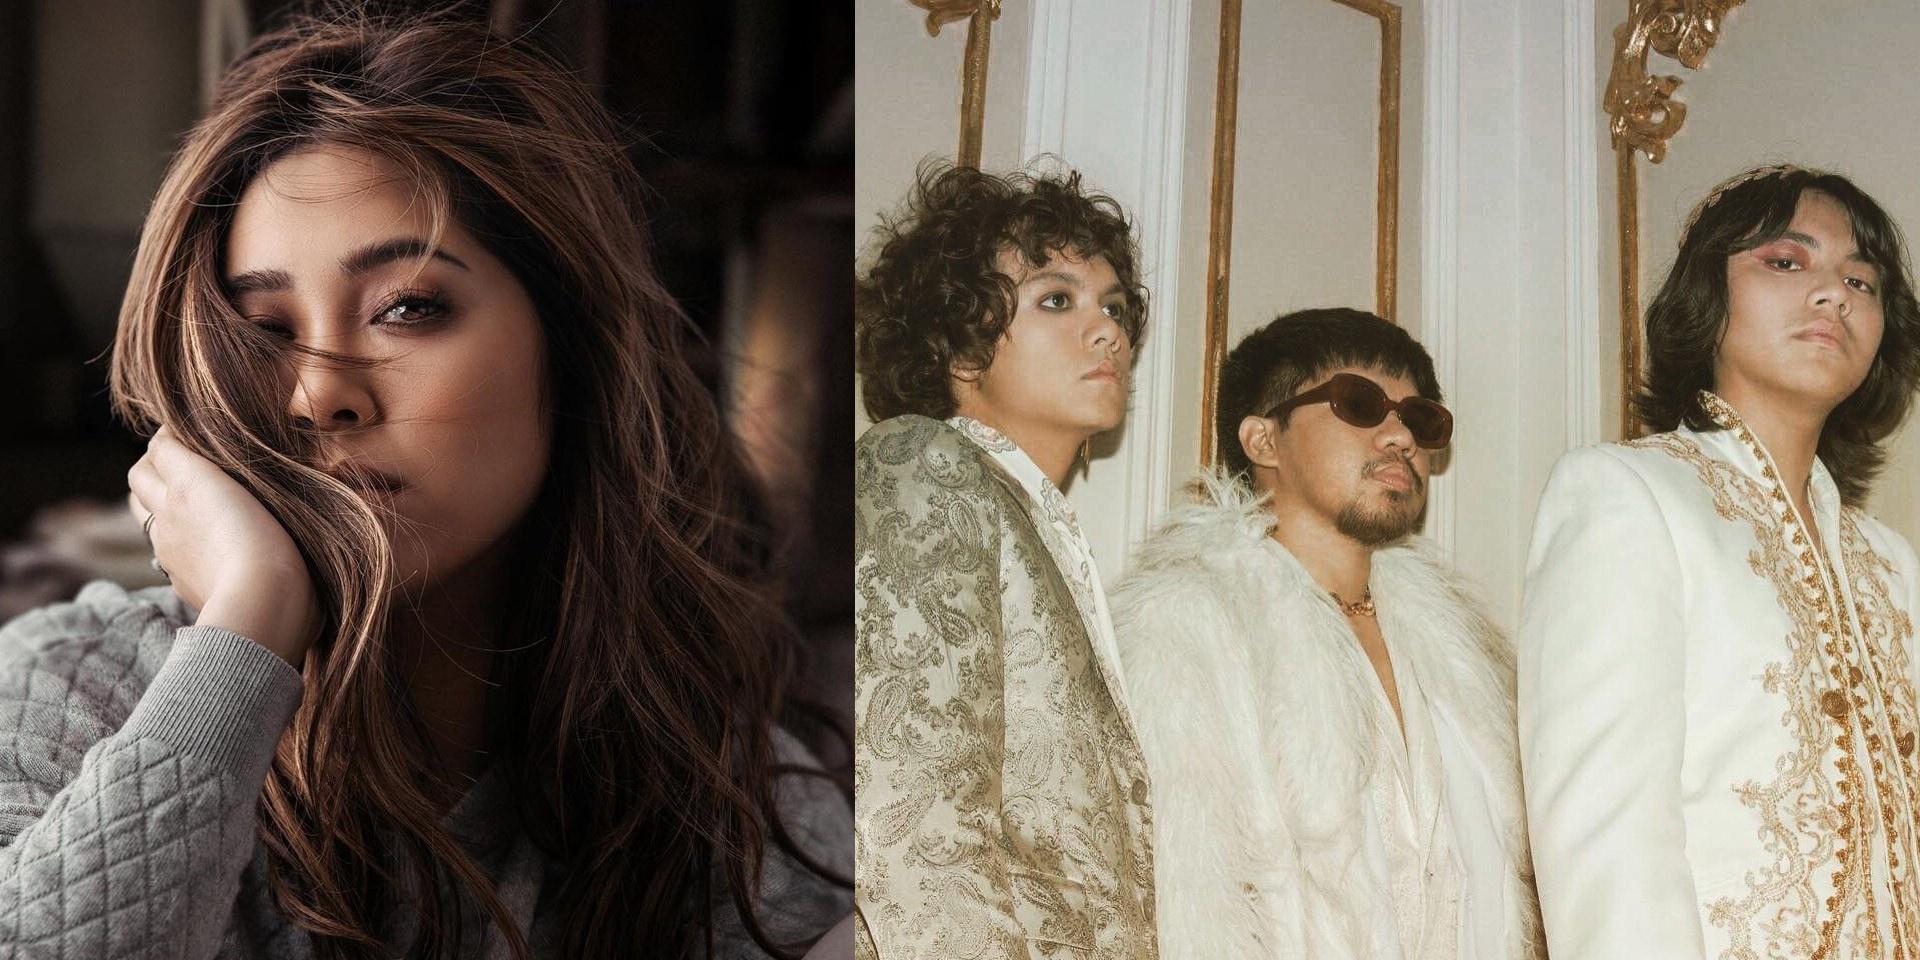 Moira Dela Torre & IV Of Spades to hold digital concert